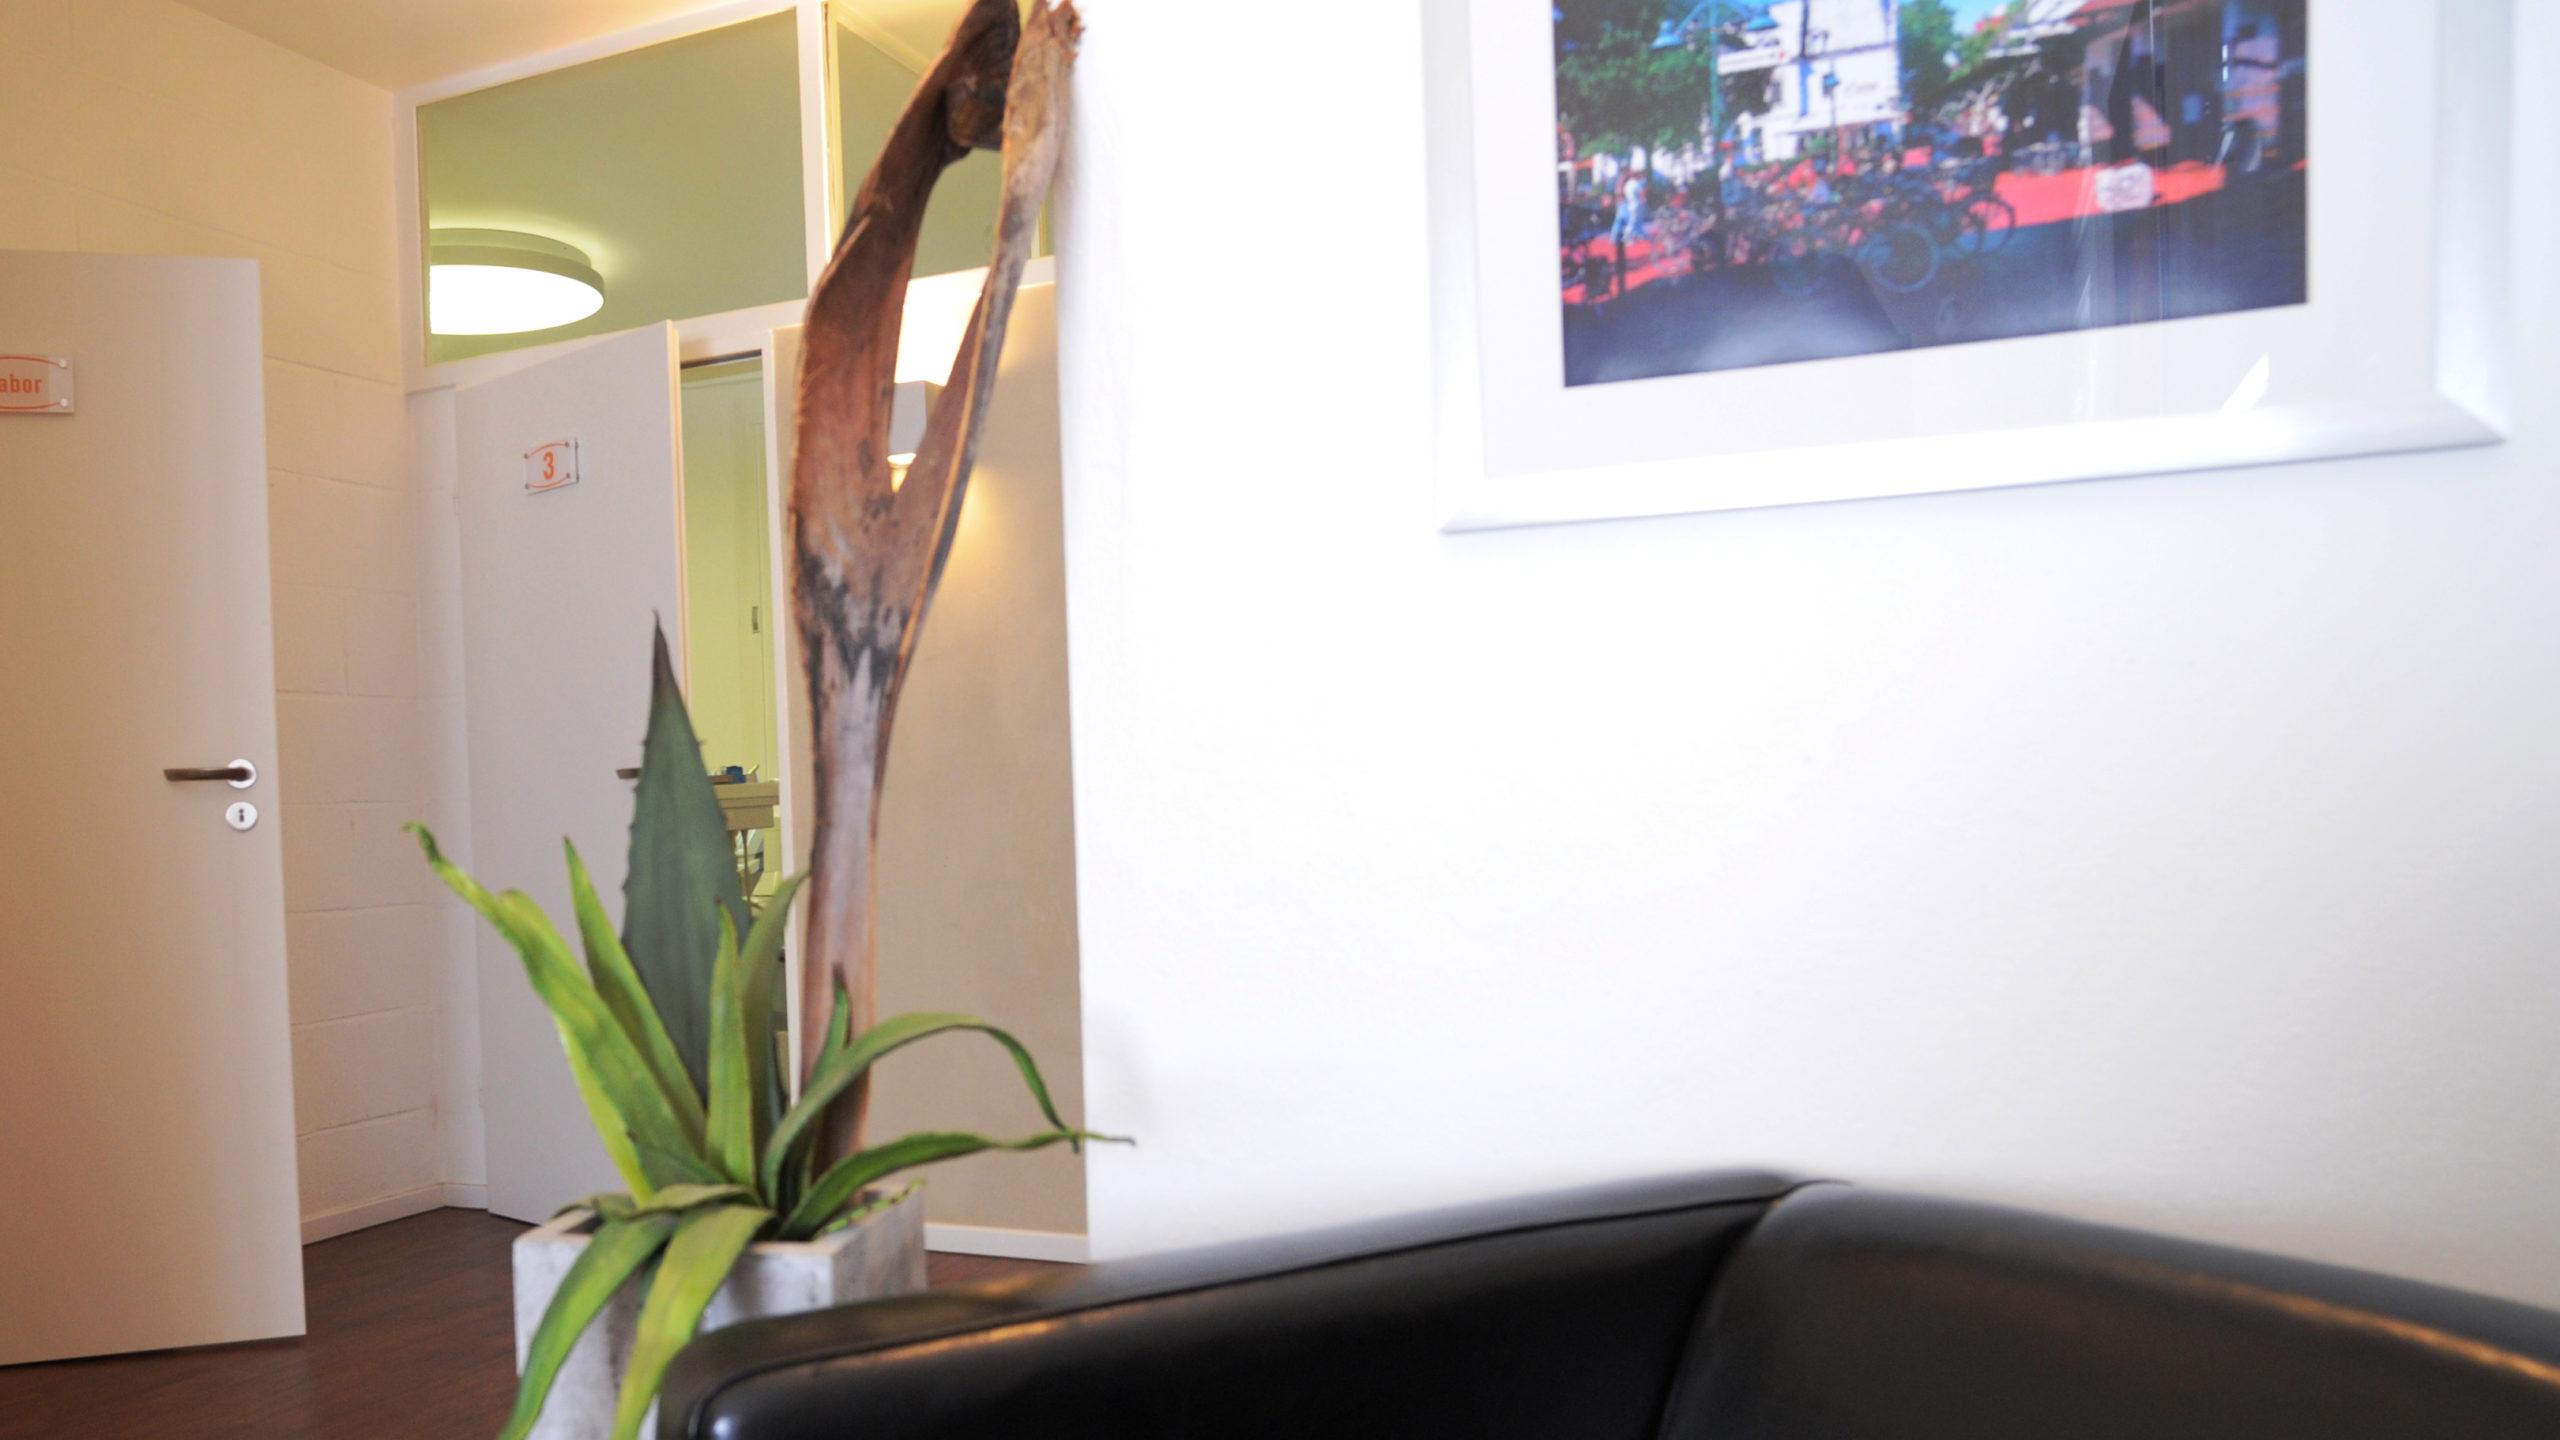 Zahnärztliche Gemeinschaftspraxis Enscheder Strasse 1 Foto 6 Impression vom Empfang